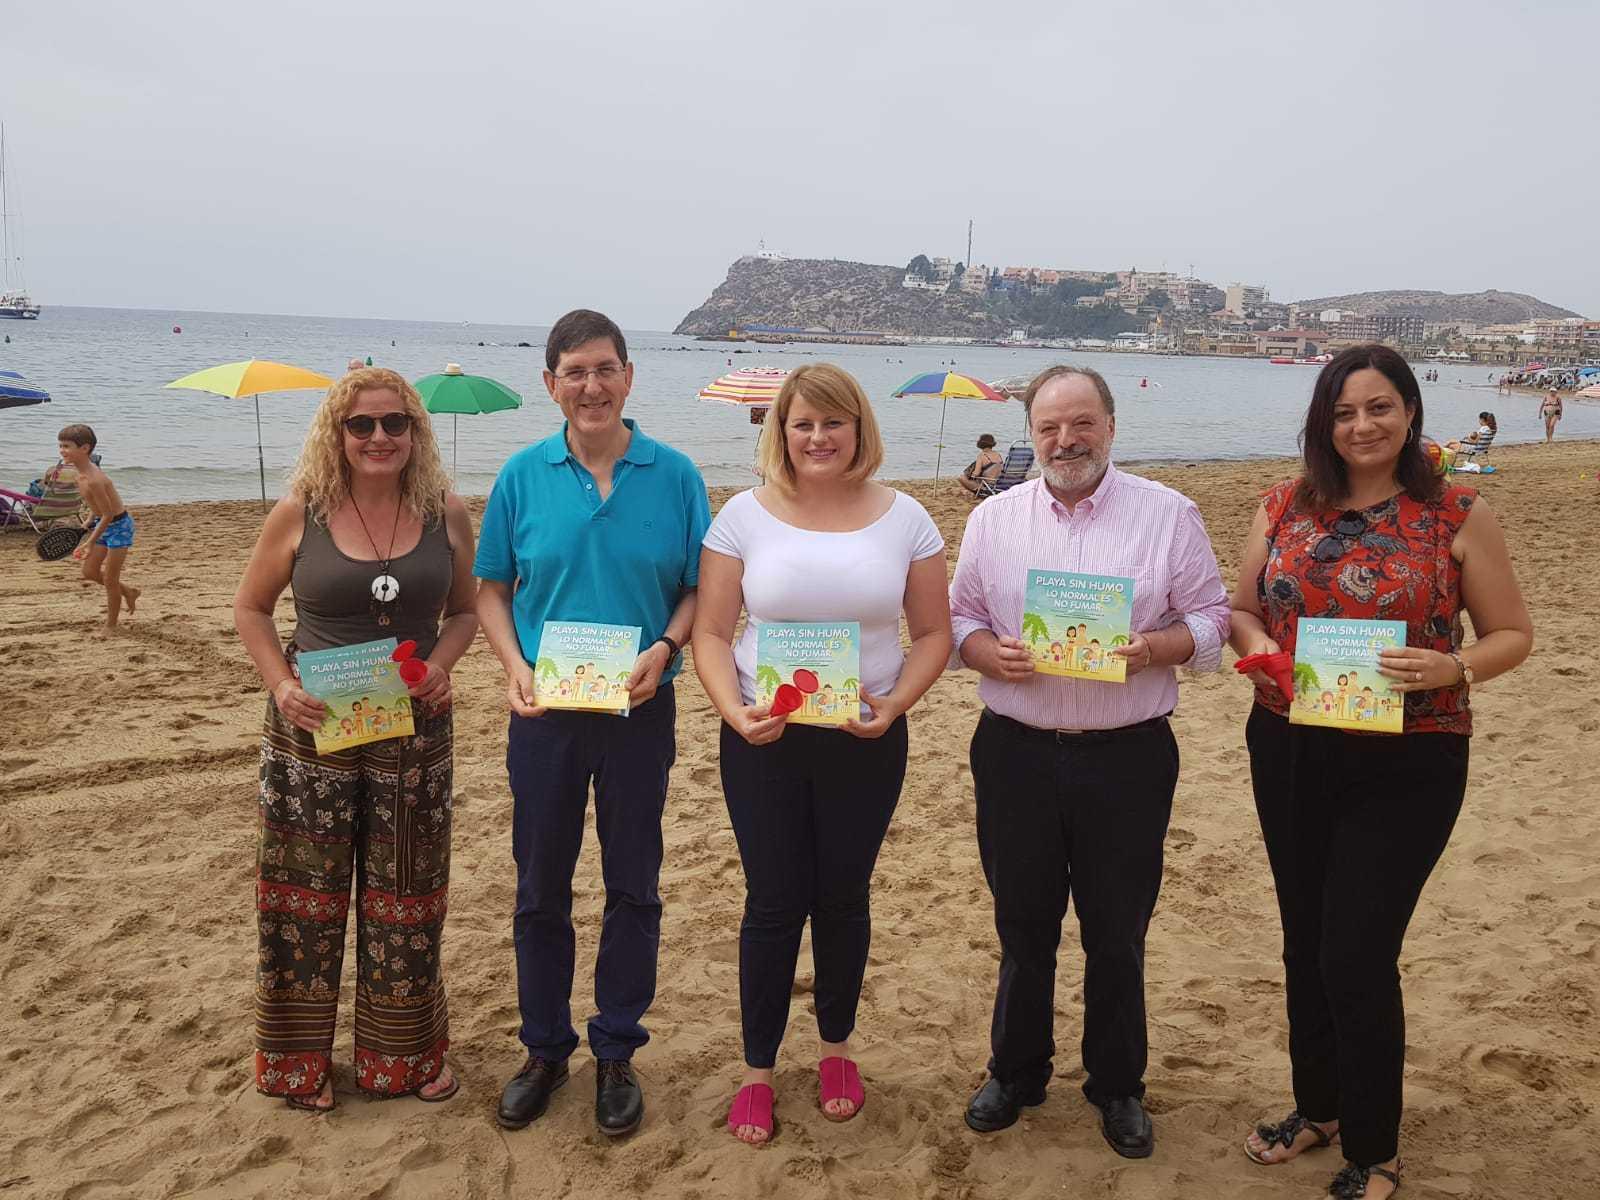 Visita a la playa sin humo de El Rihuete en Mazarrón. Imagen: CARM